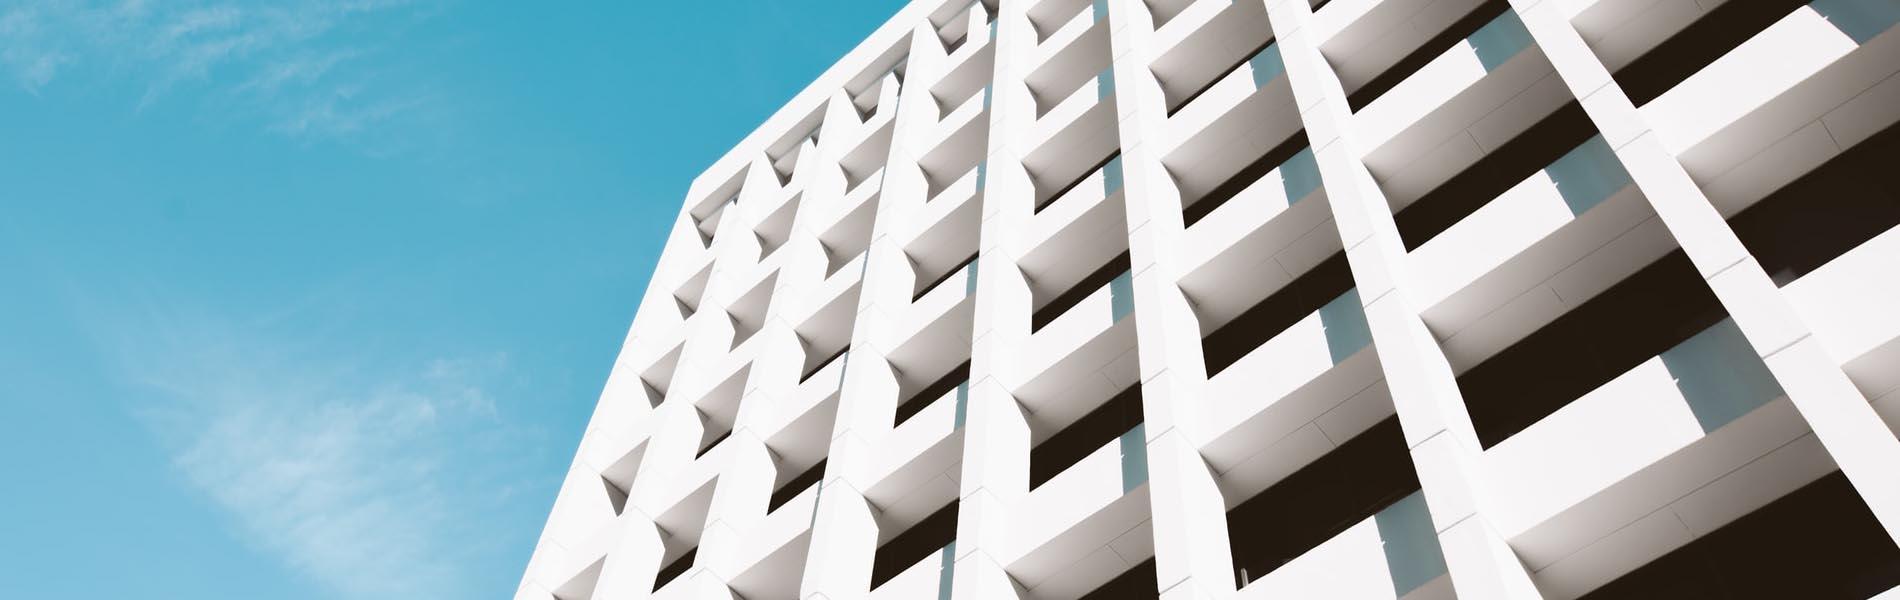 Kostenersparnis bei Versicherungen durch Rahmenverträge